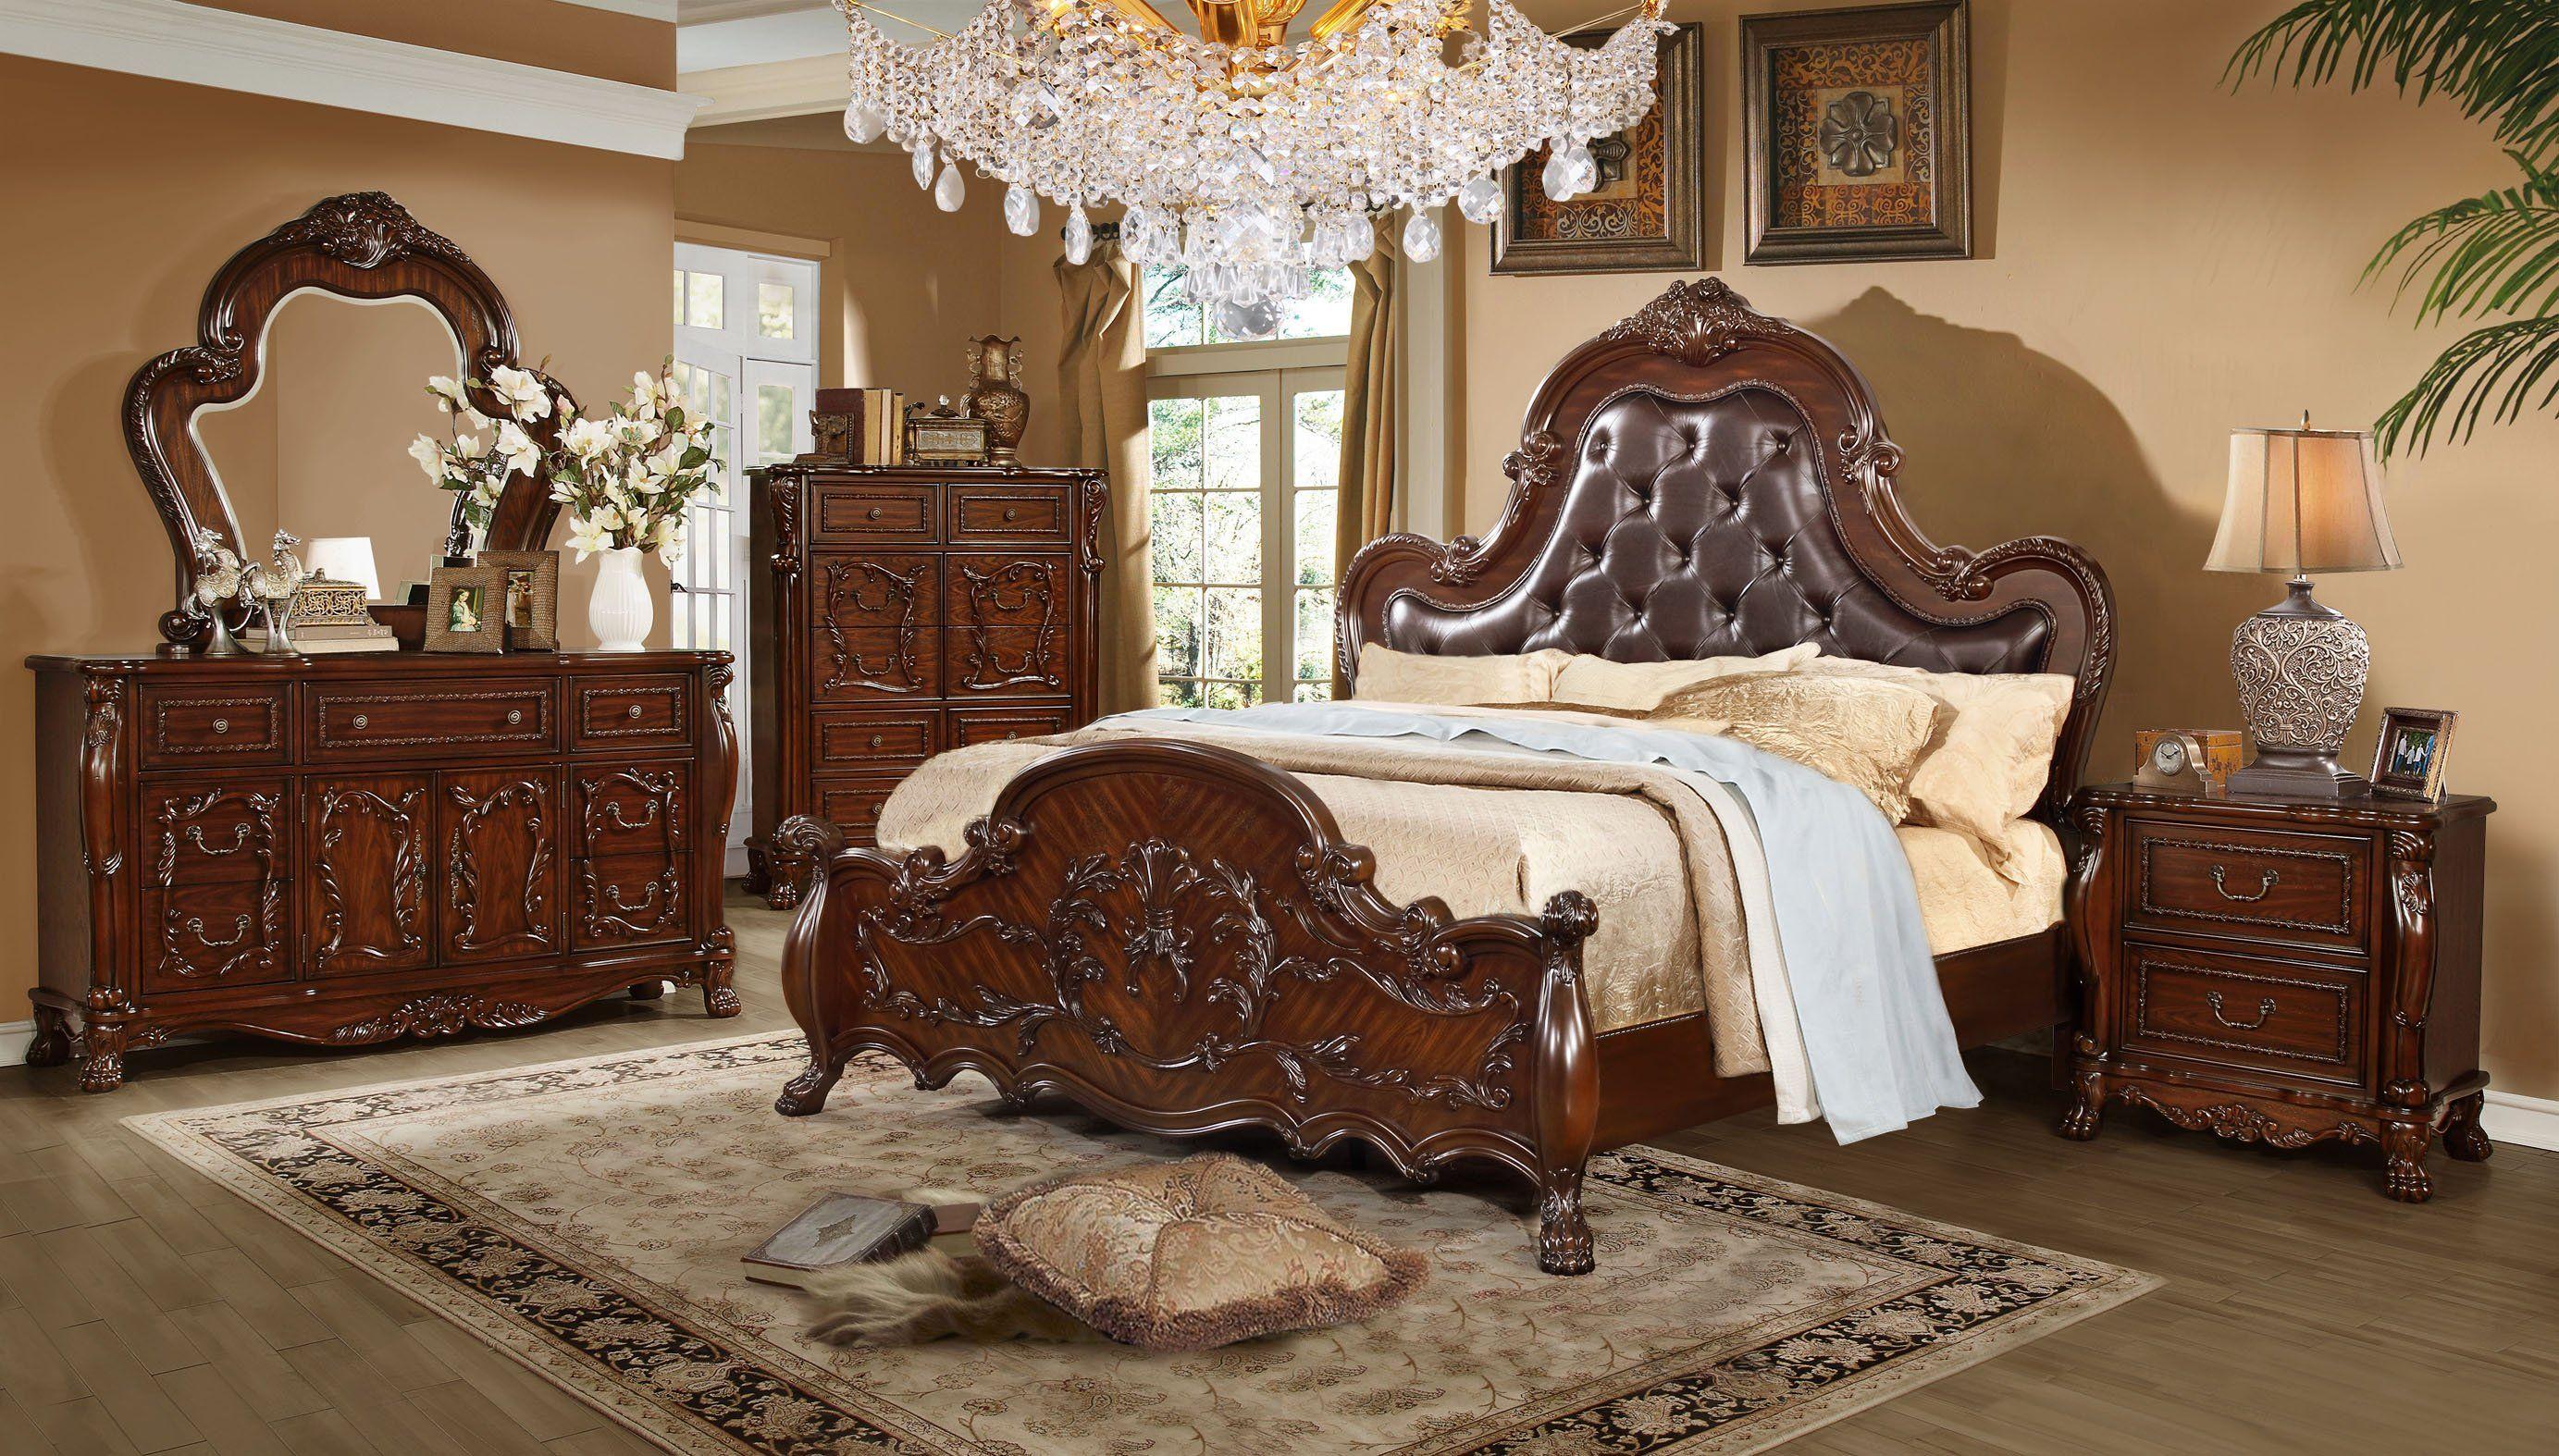 Raj Bedroom Collection Bedroom Design Your Dream House Bedroom